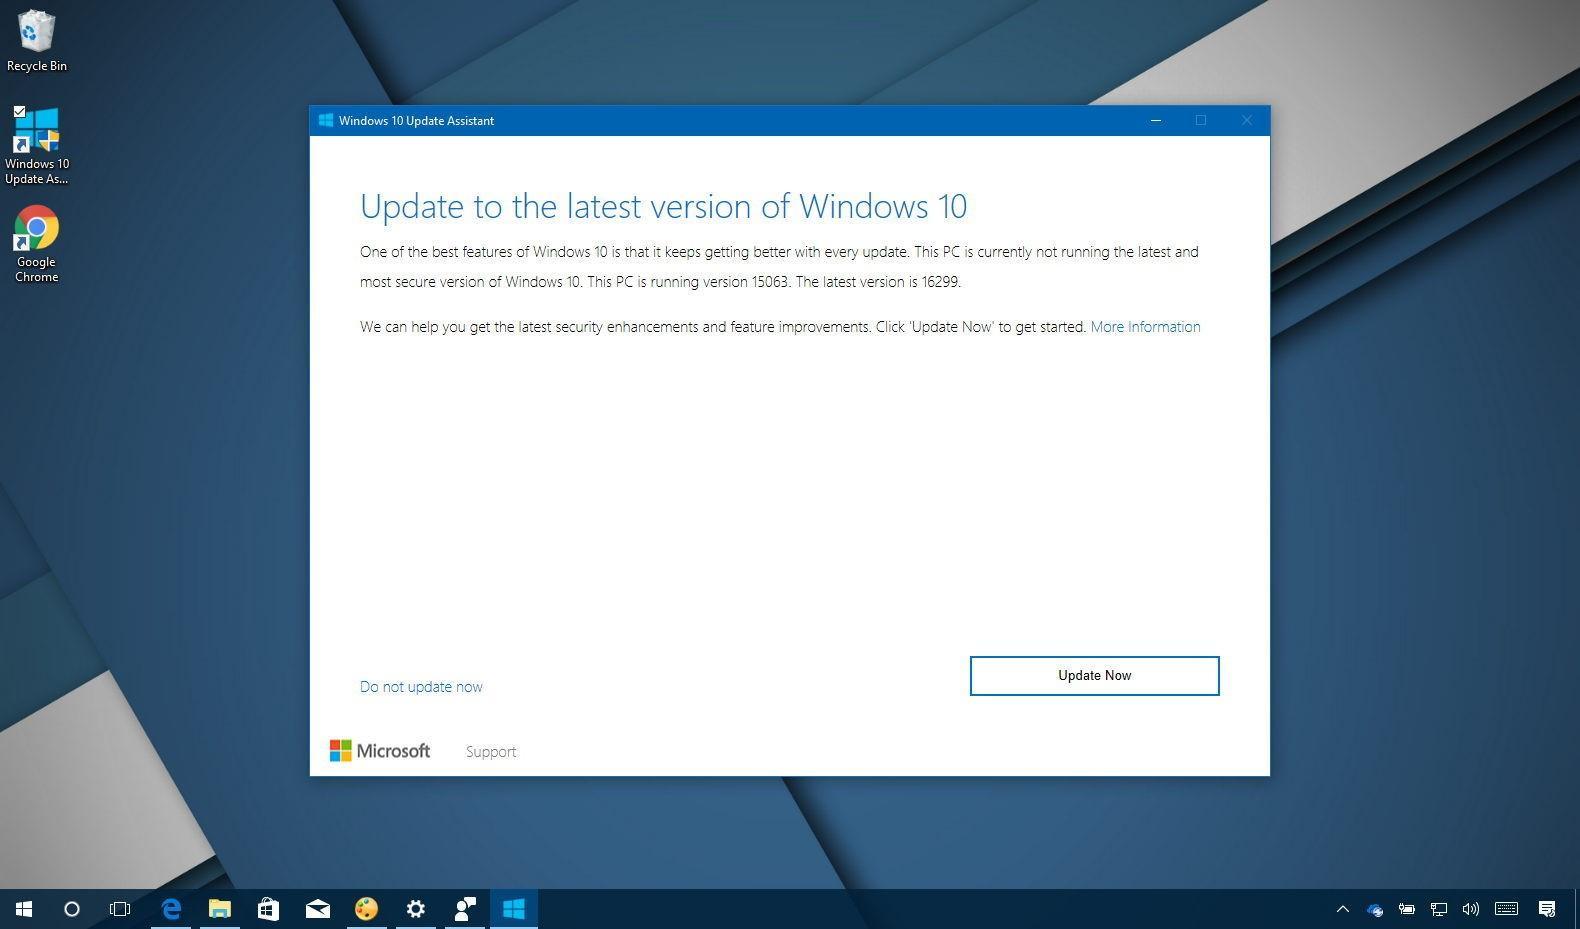 Что такое Windows 10 Update Assistant, и зачем он пытается произвести загрузку на компьютер